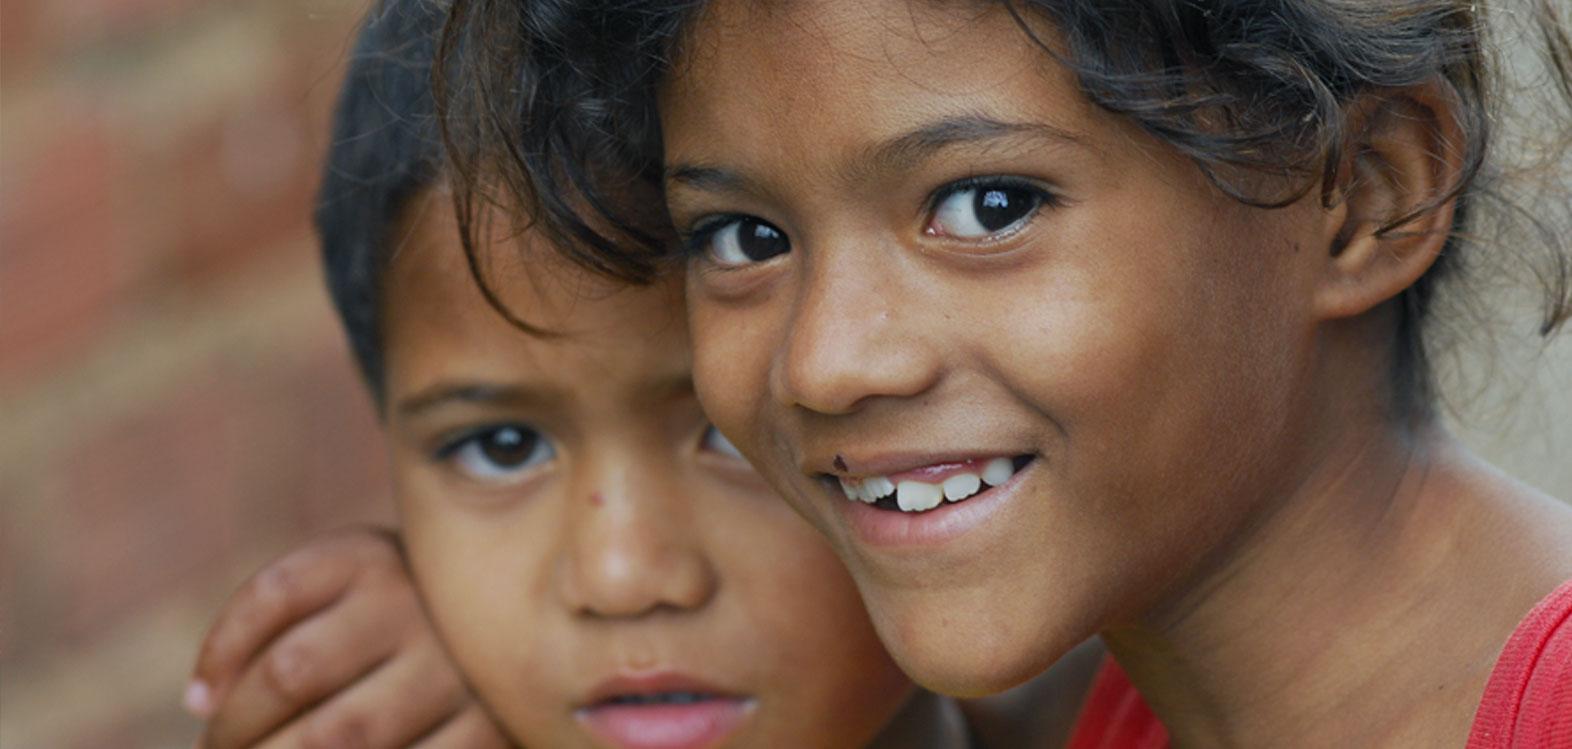 UNICEF in Brazil